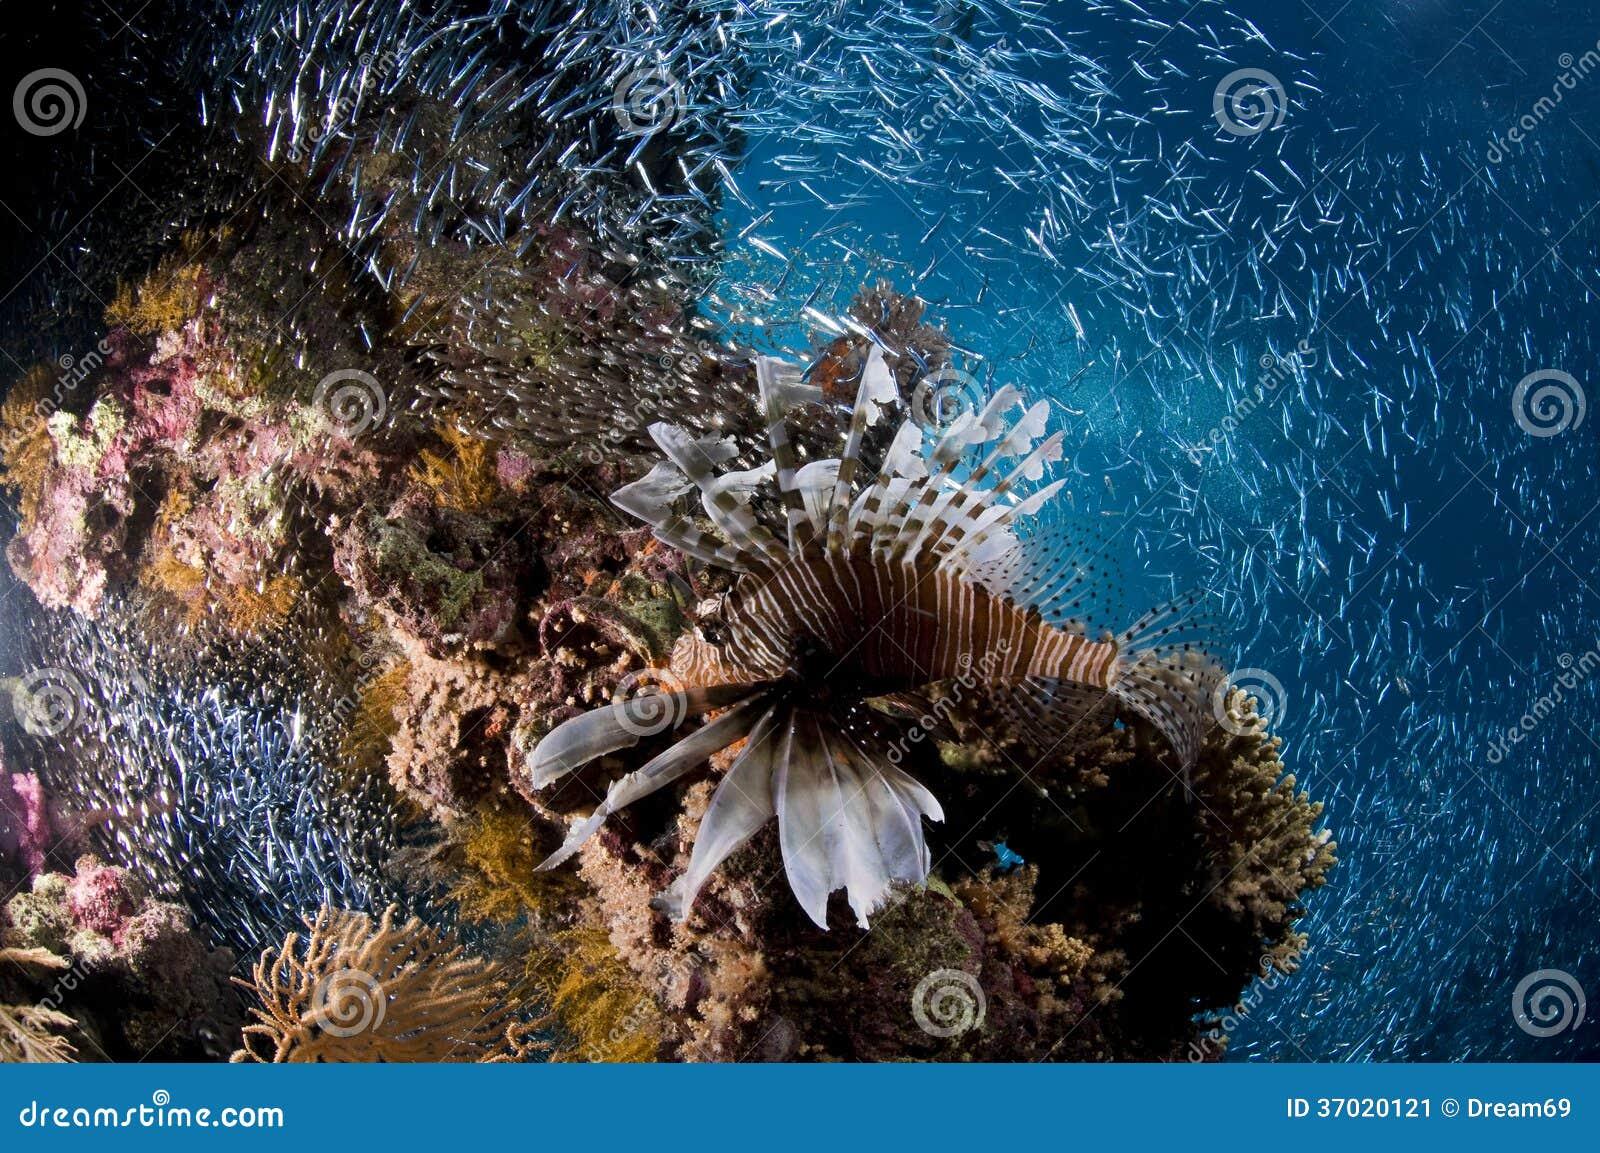 Buceo con escafandra, pescado del león, arrecife de coral, pescado, vida marina